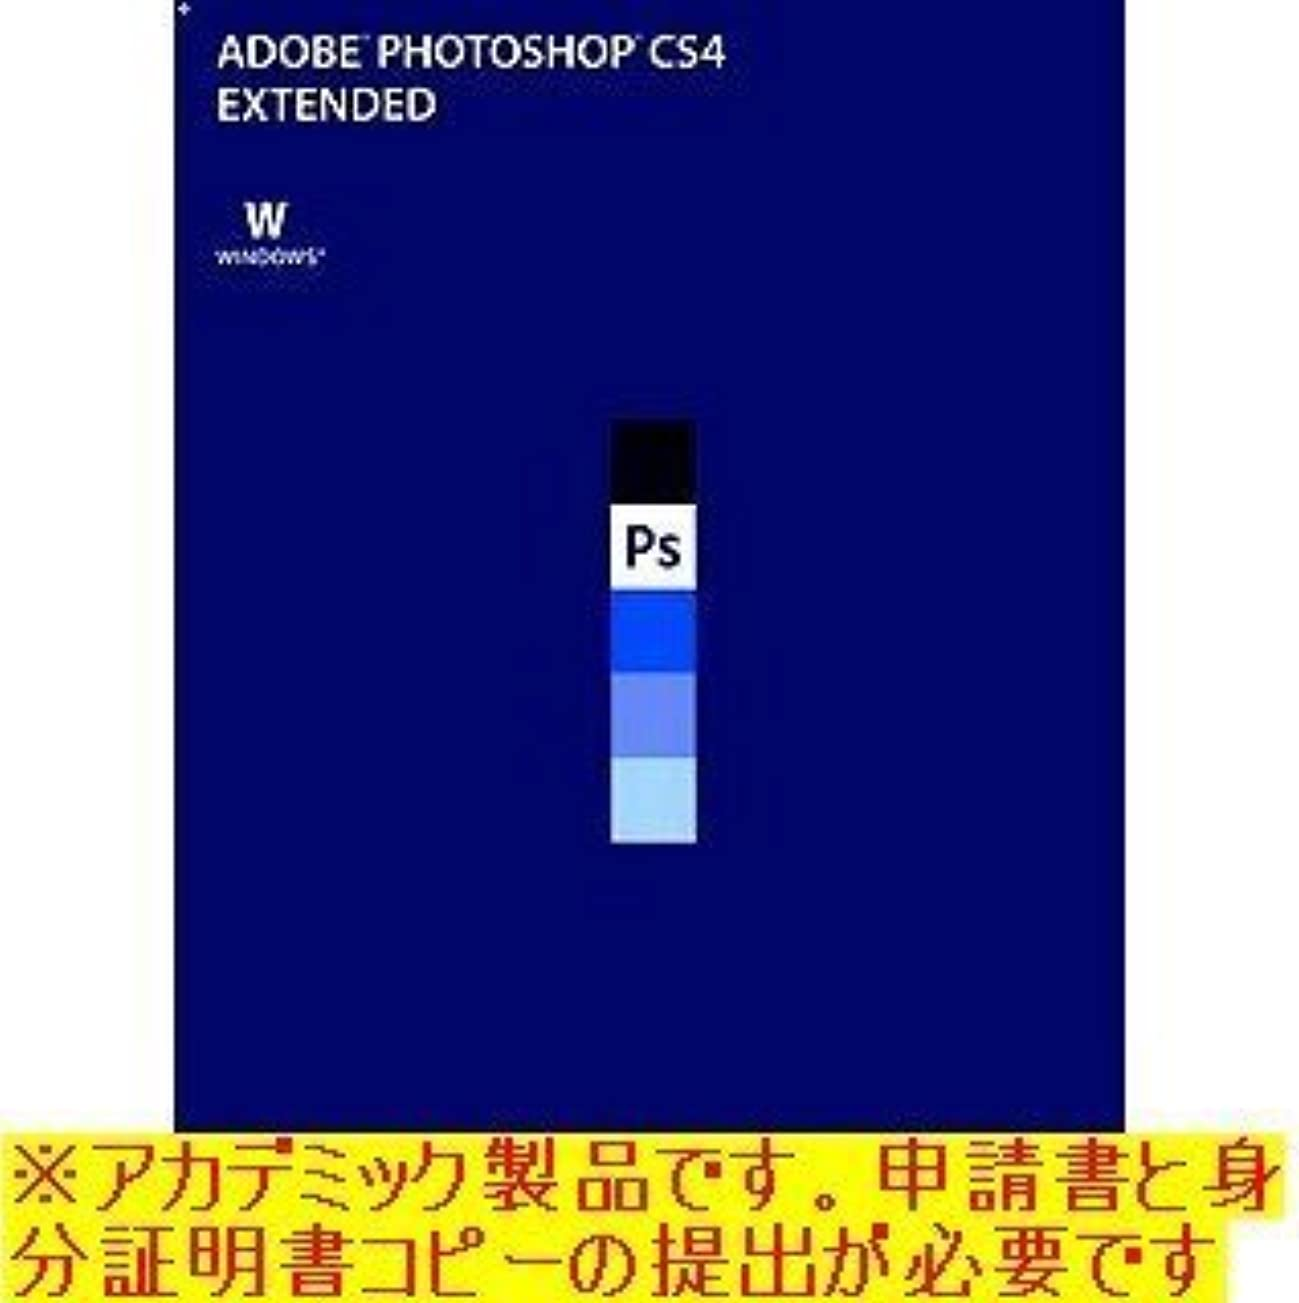 混乱させる良さマーガレットミッチェルアドビ(Adobe) 【Win版】Adobe Photoshop Extended CS4 (V11.0) 日本語版 Windows版 アカデミック(学生?教職員向け) 65014110